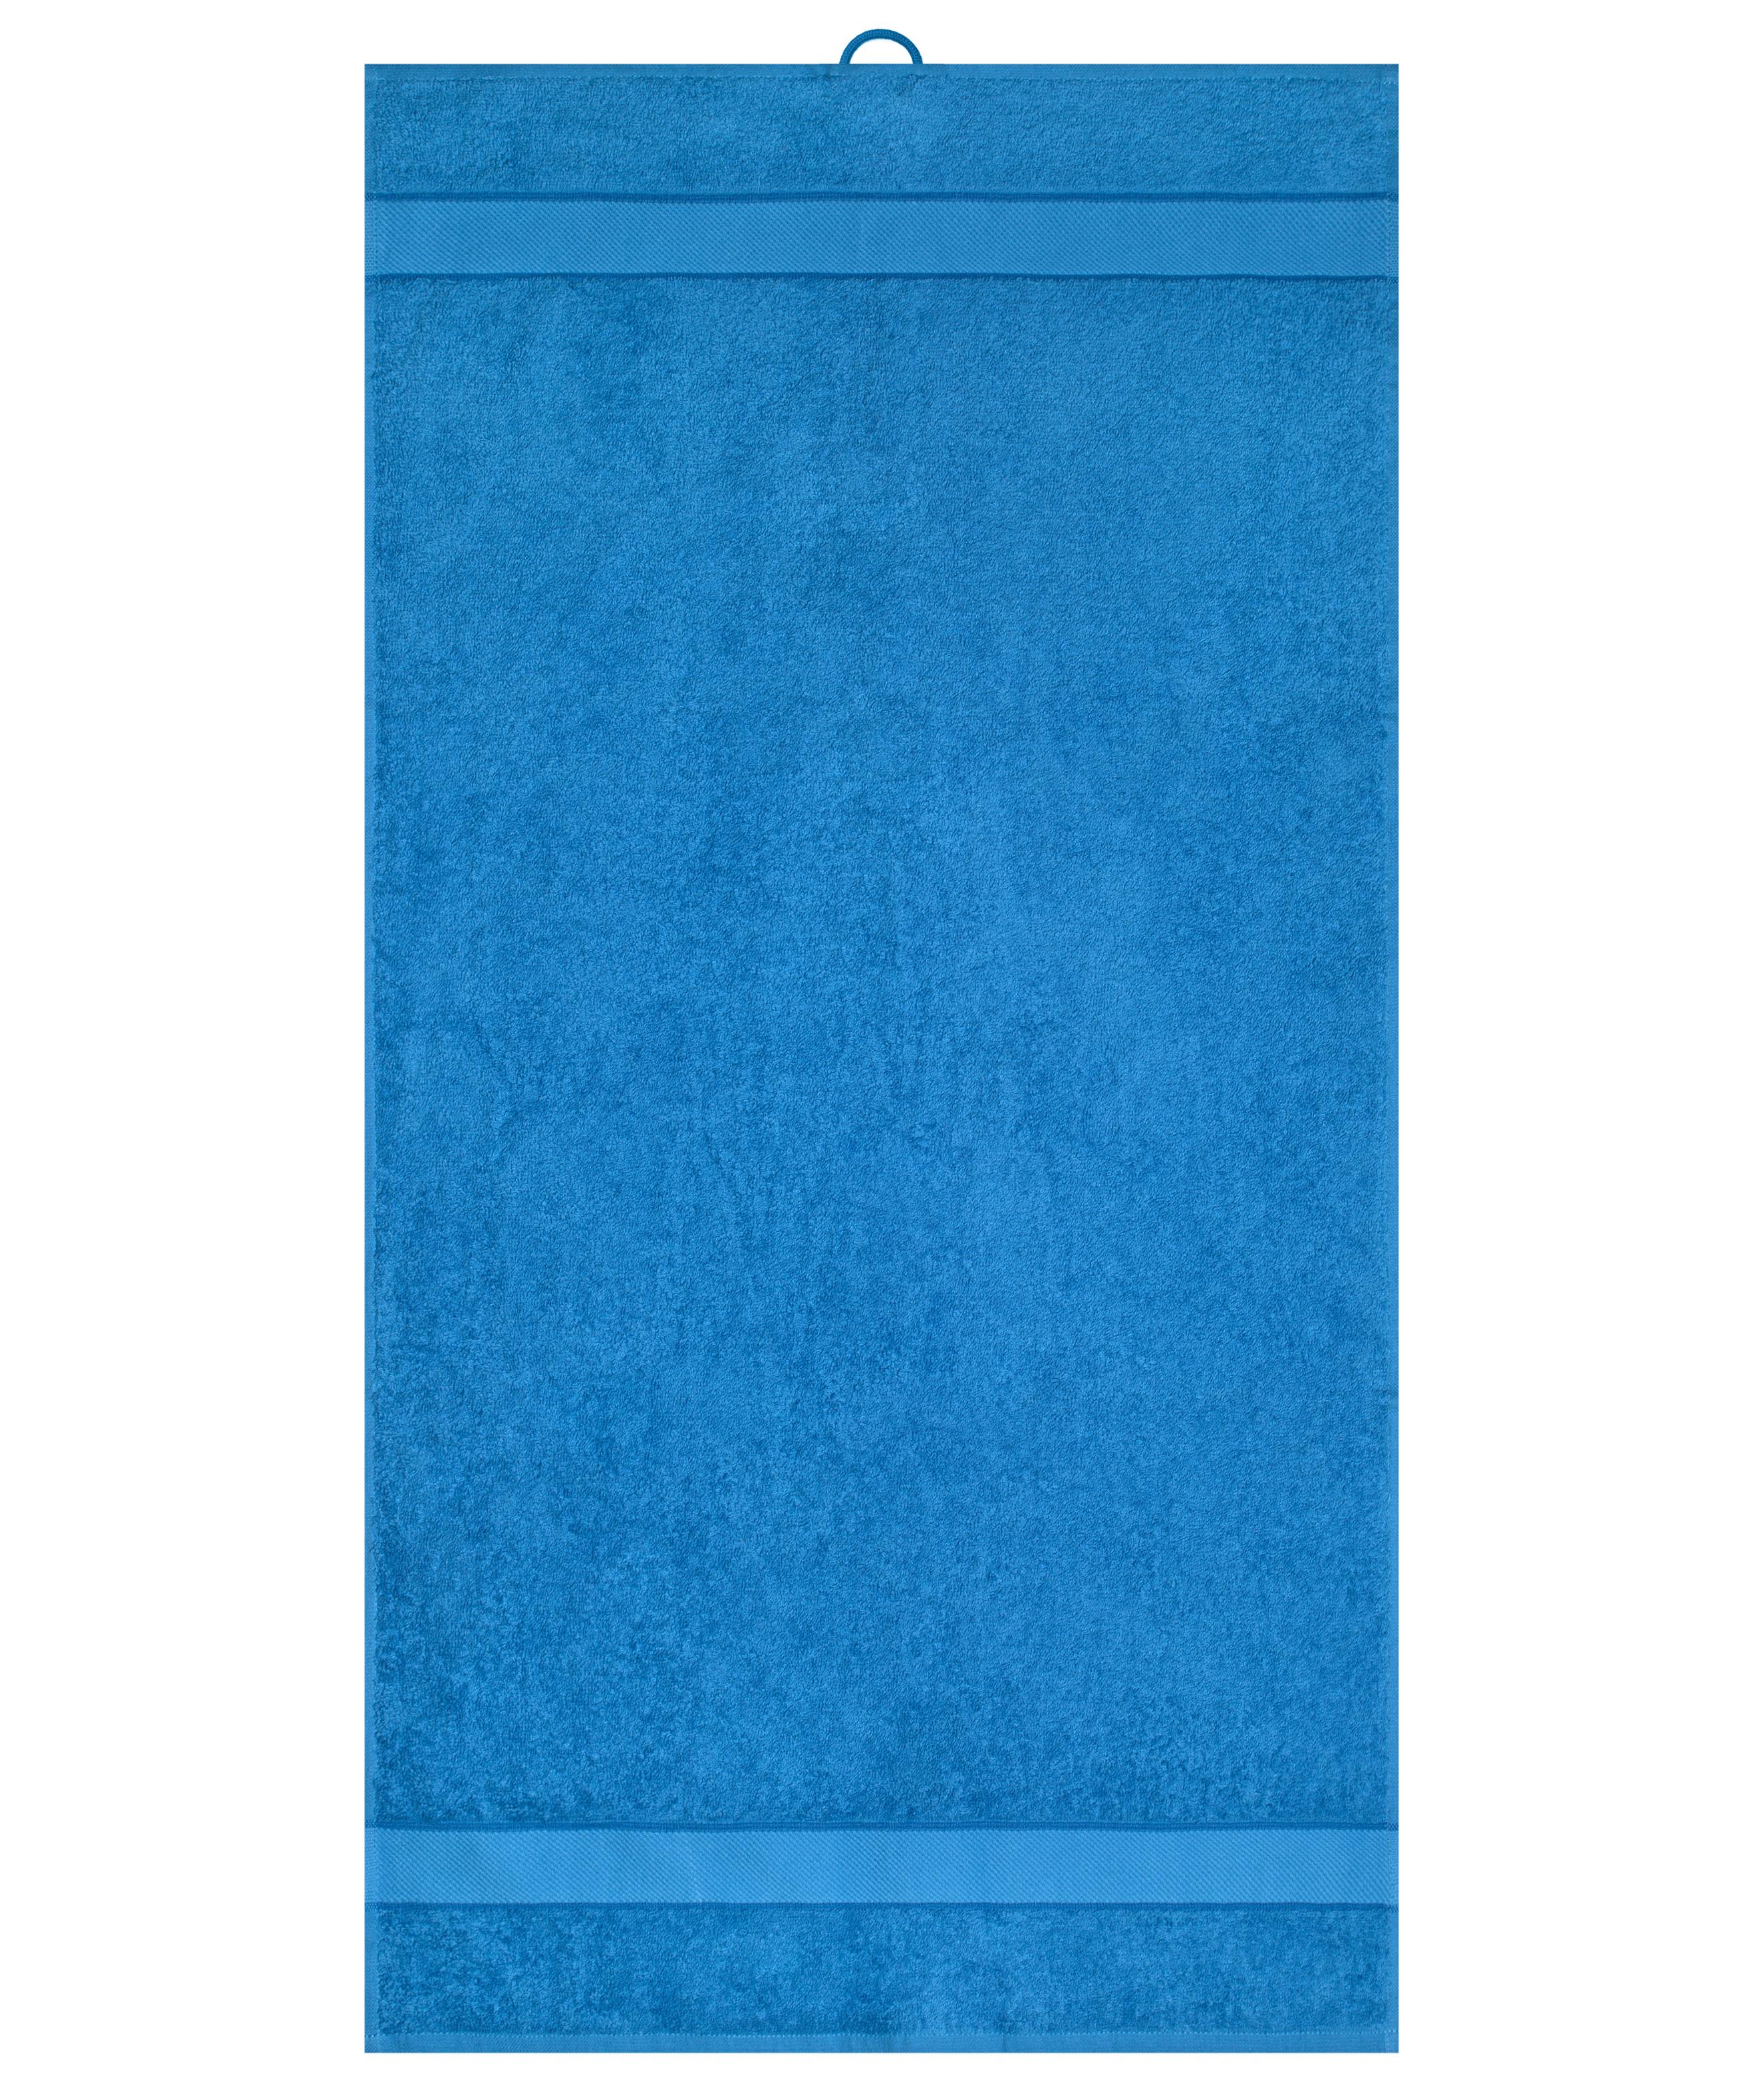 Handtuch im modischen Desgin